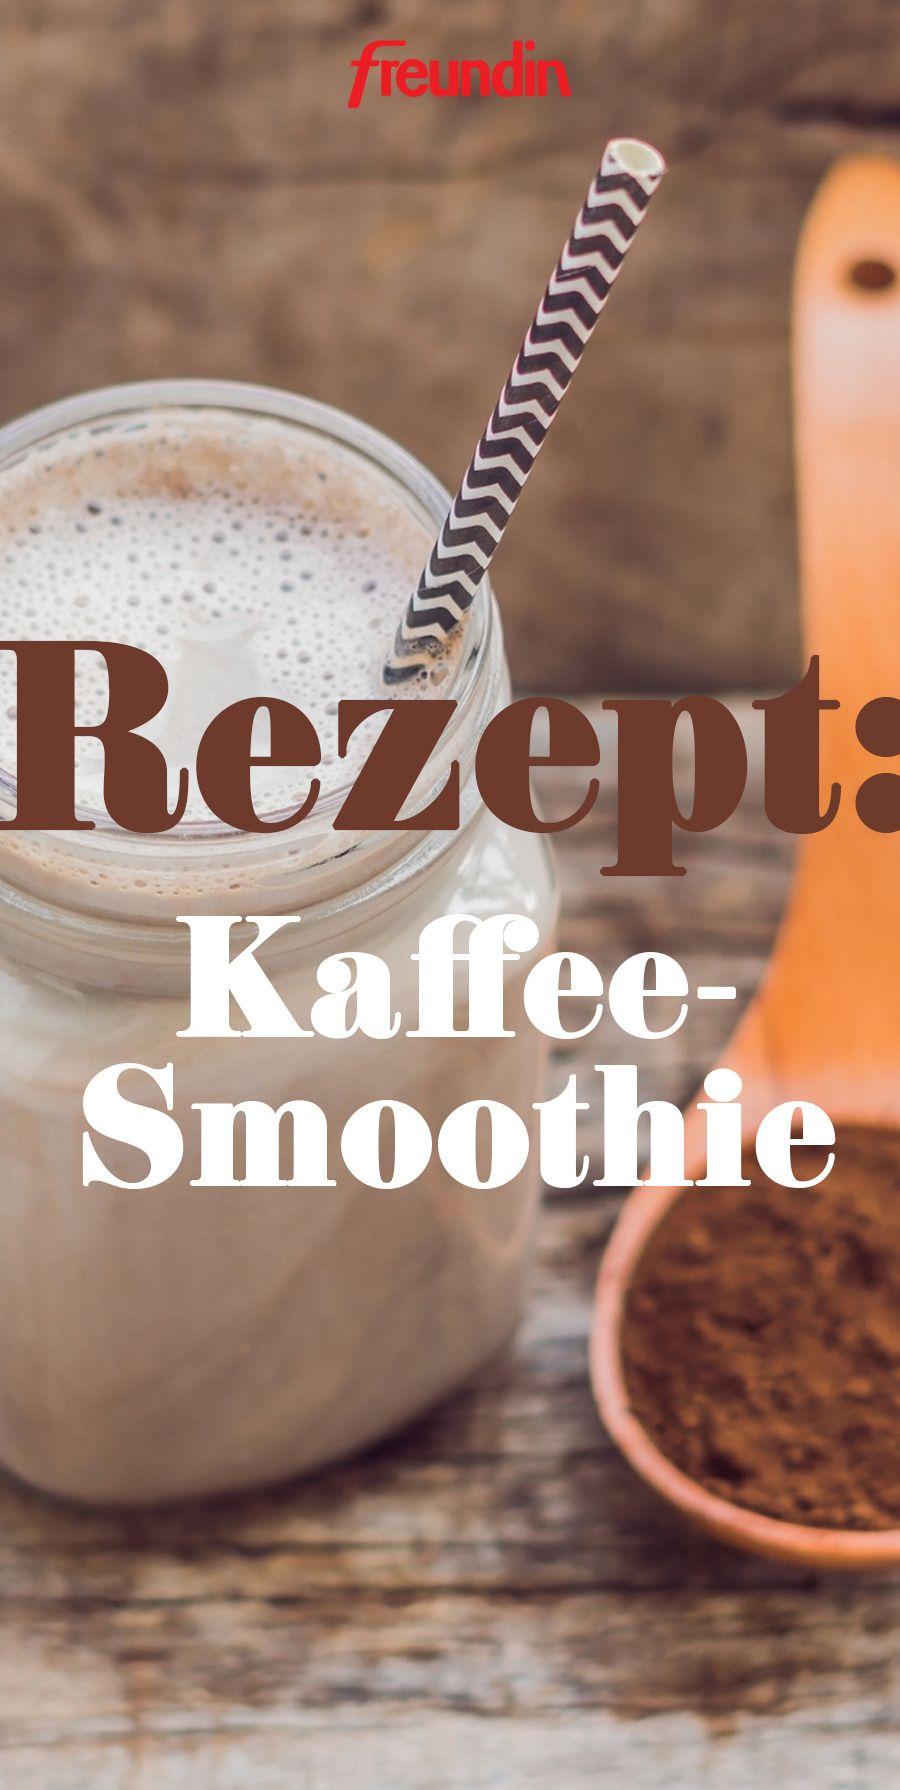 Photo of Für mehr Energie am Morgen: Kaffee-Smoothie | freundin.de